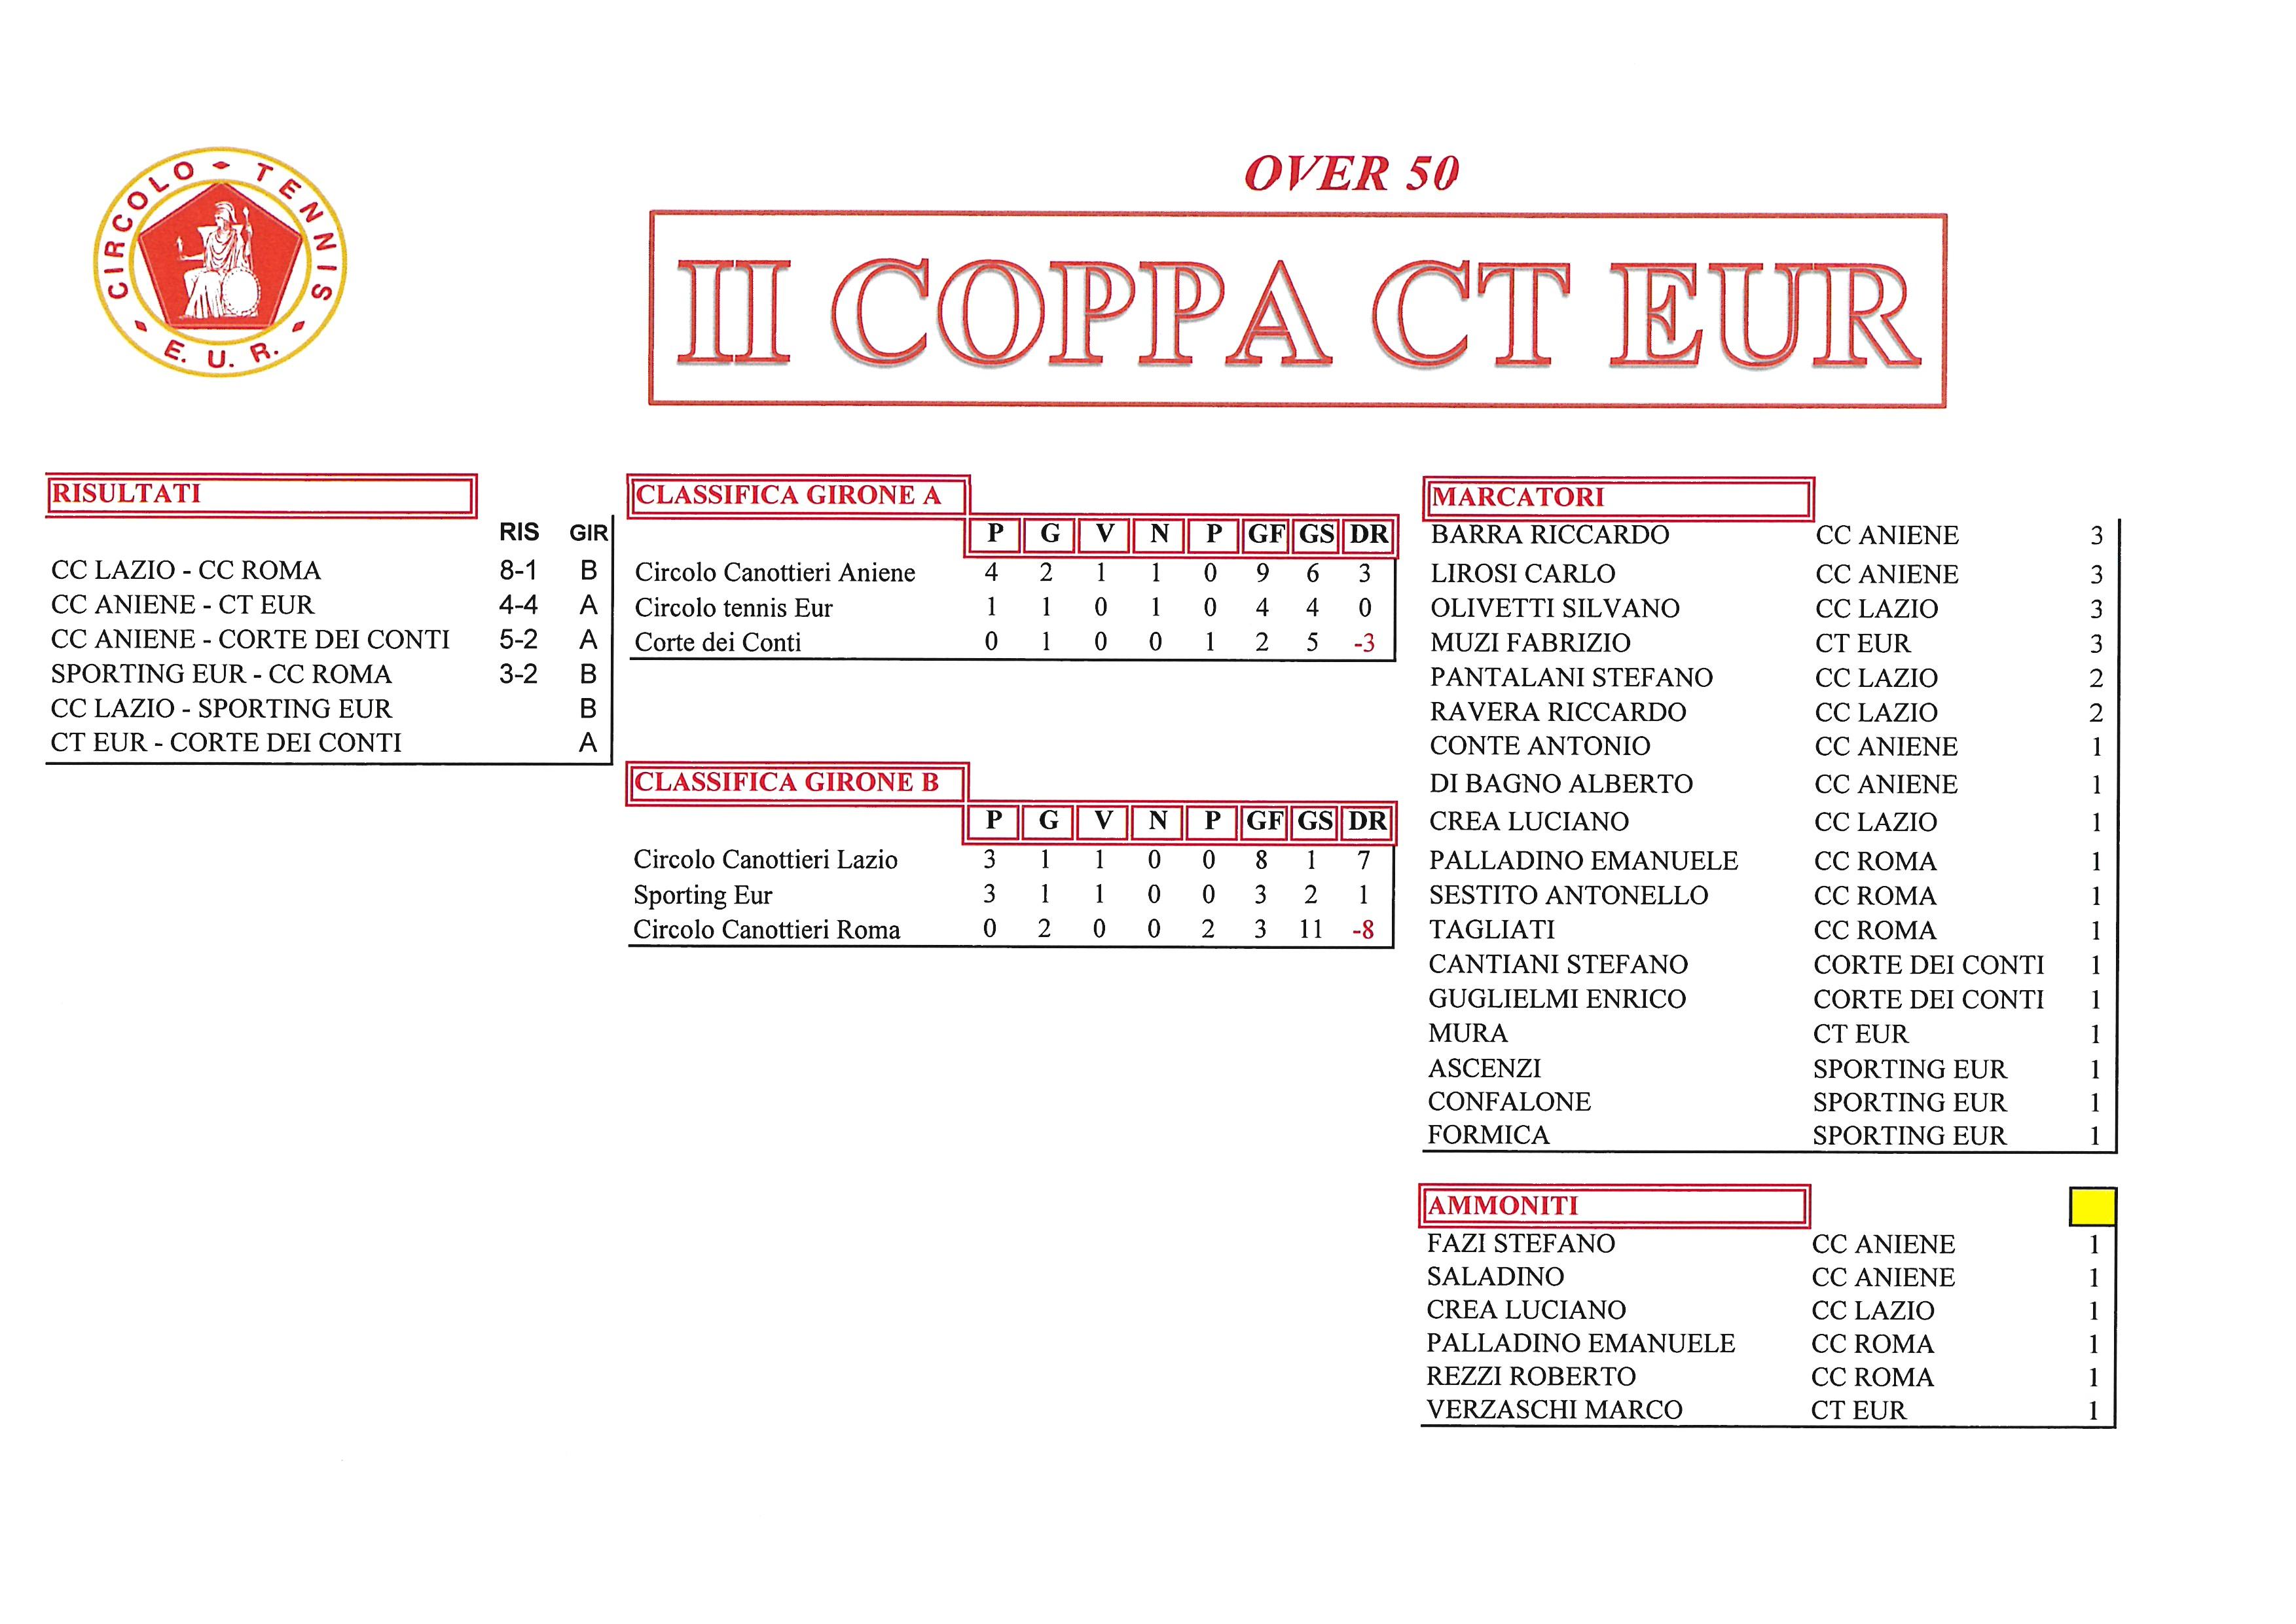 Coppa-CT-Eur-risultati-del-26-settembre-2017-Over-50